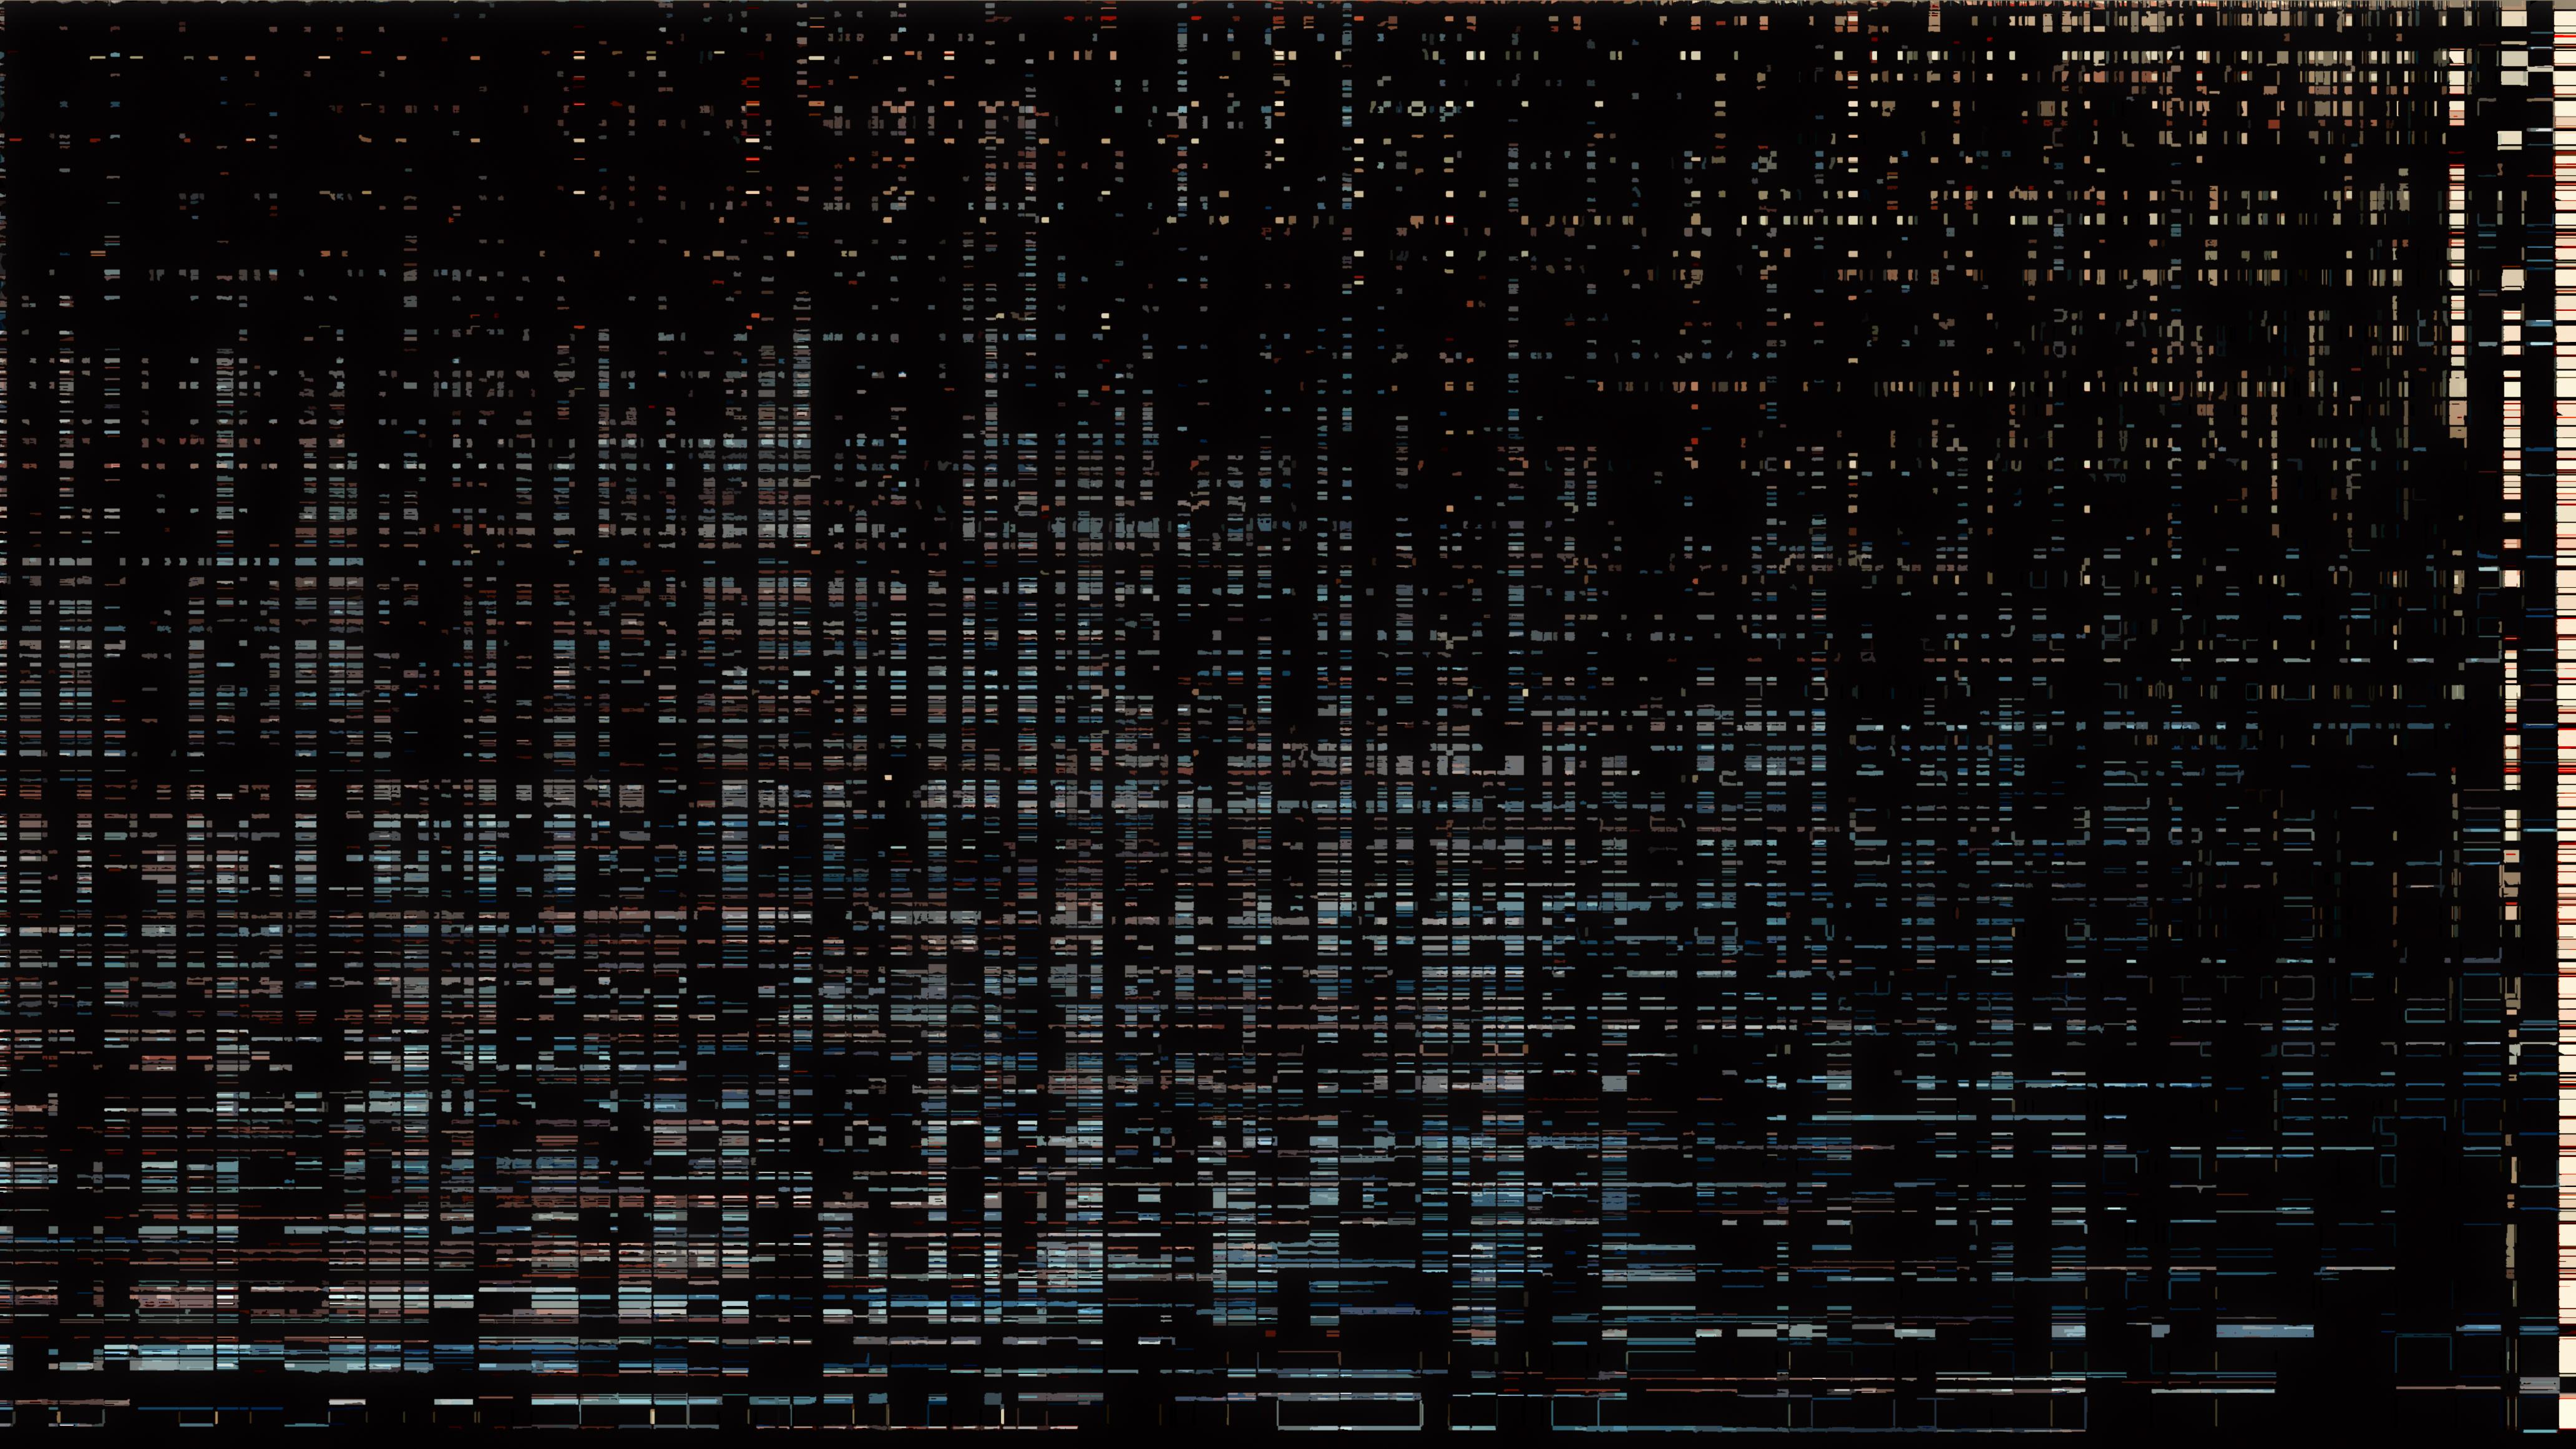 73135 Hintergrundbild herunterladen Abstrakt, Dunkel, Textur, Verzerrung, Panne, Glitch, Interferenz, Störungen - Bildschirmschoner und Bilder kostenlos